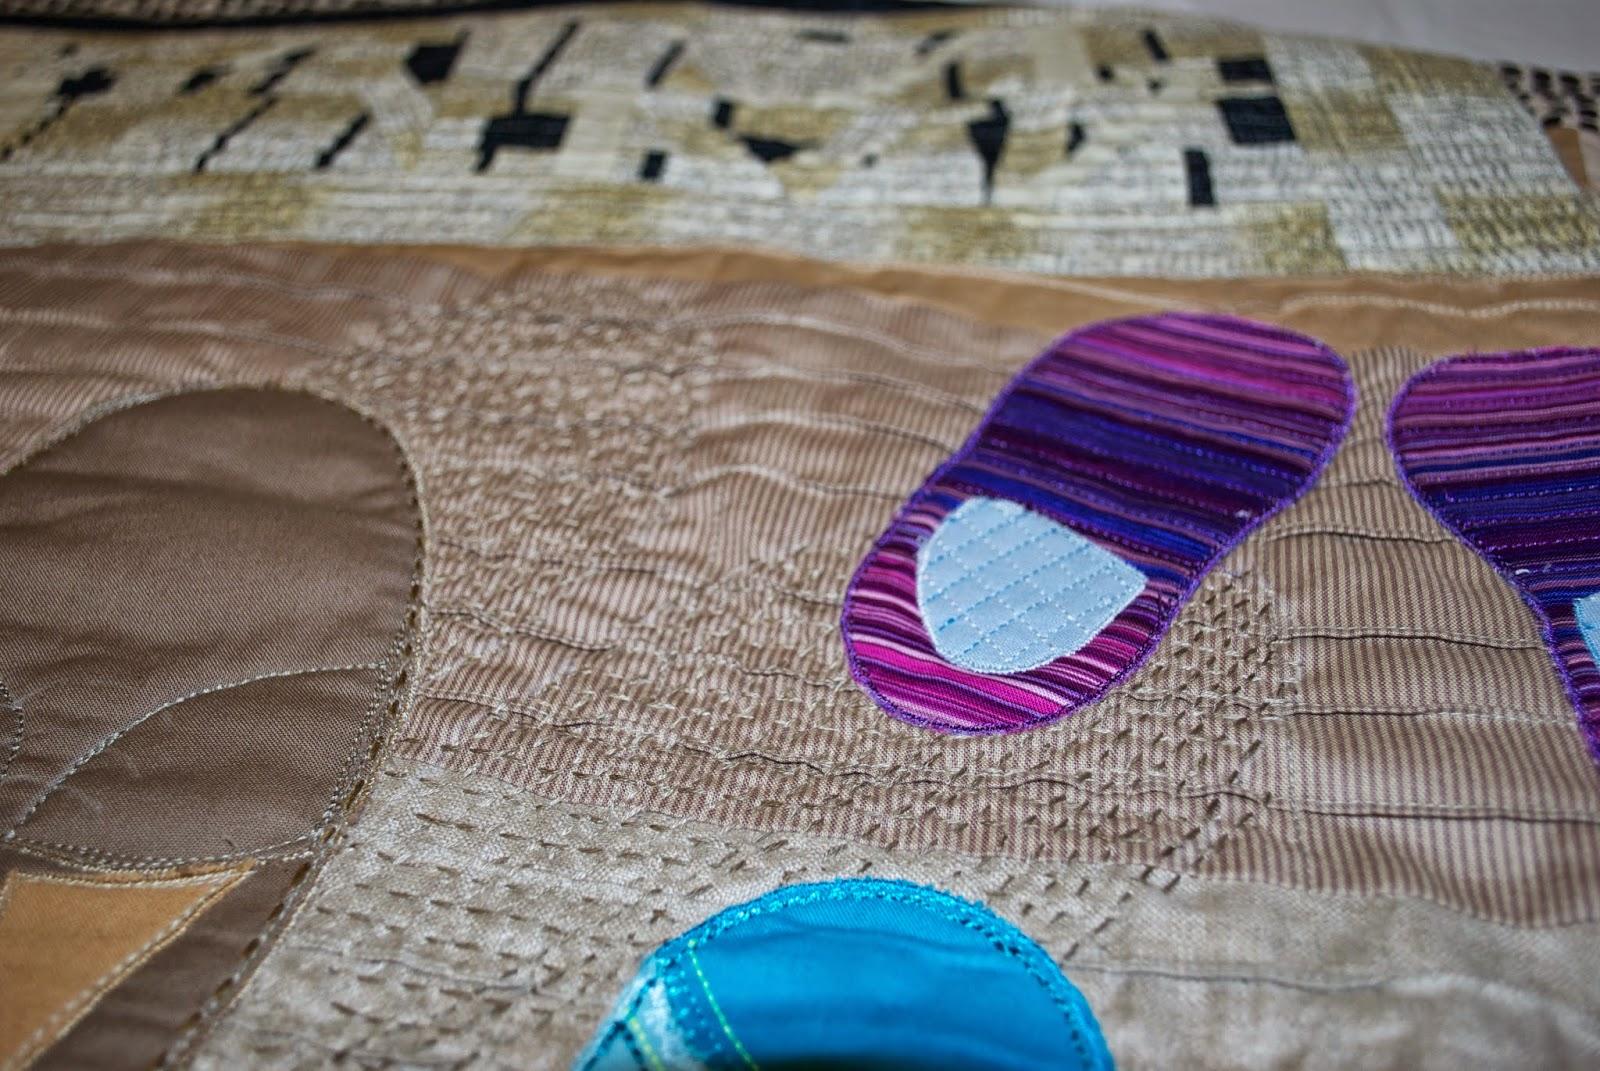 Schmutz auf der Fußmatte